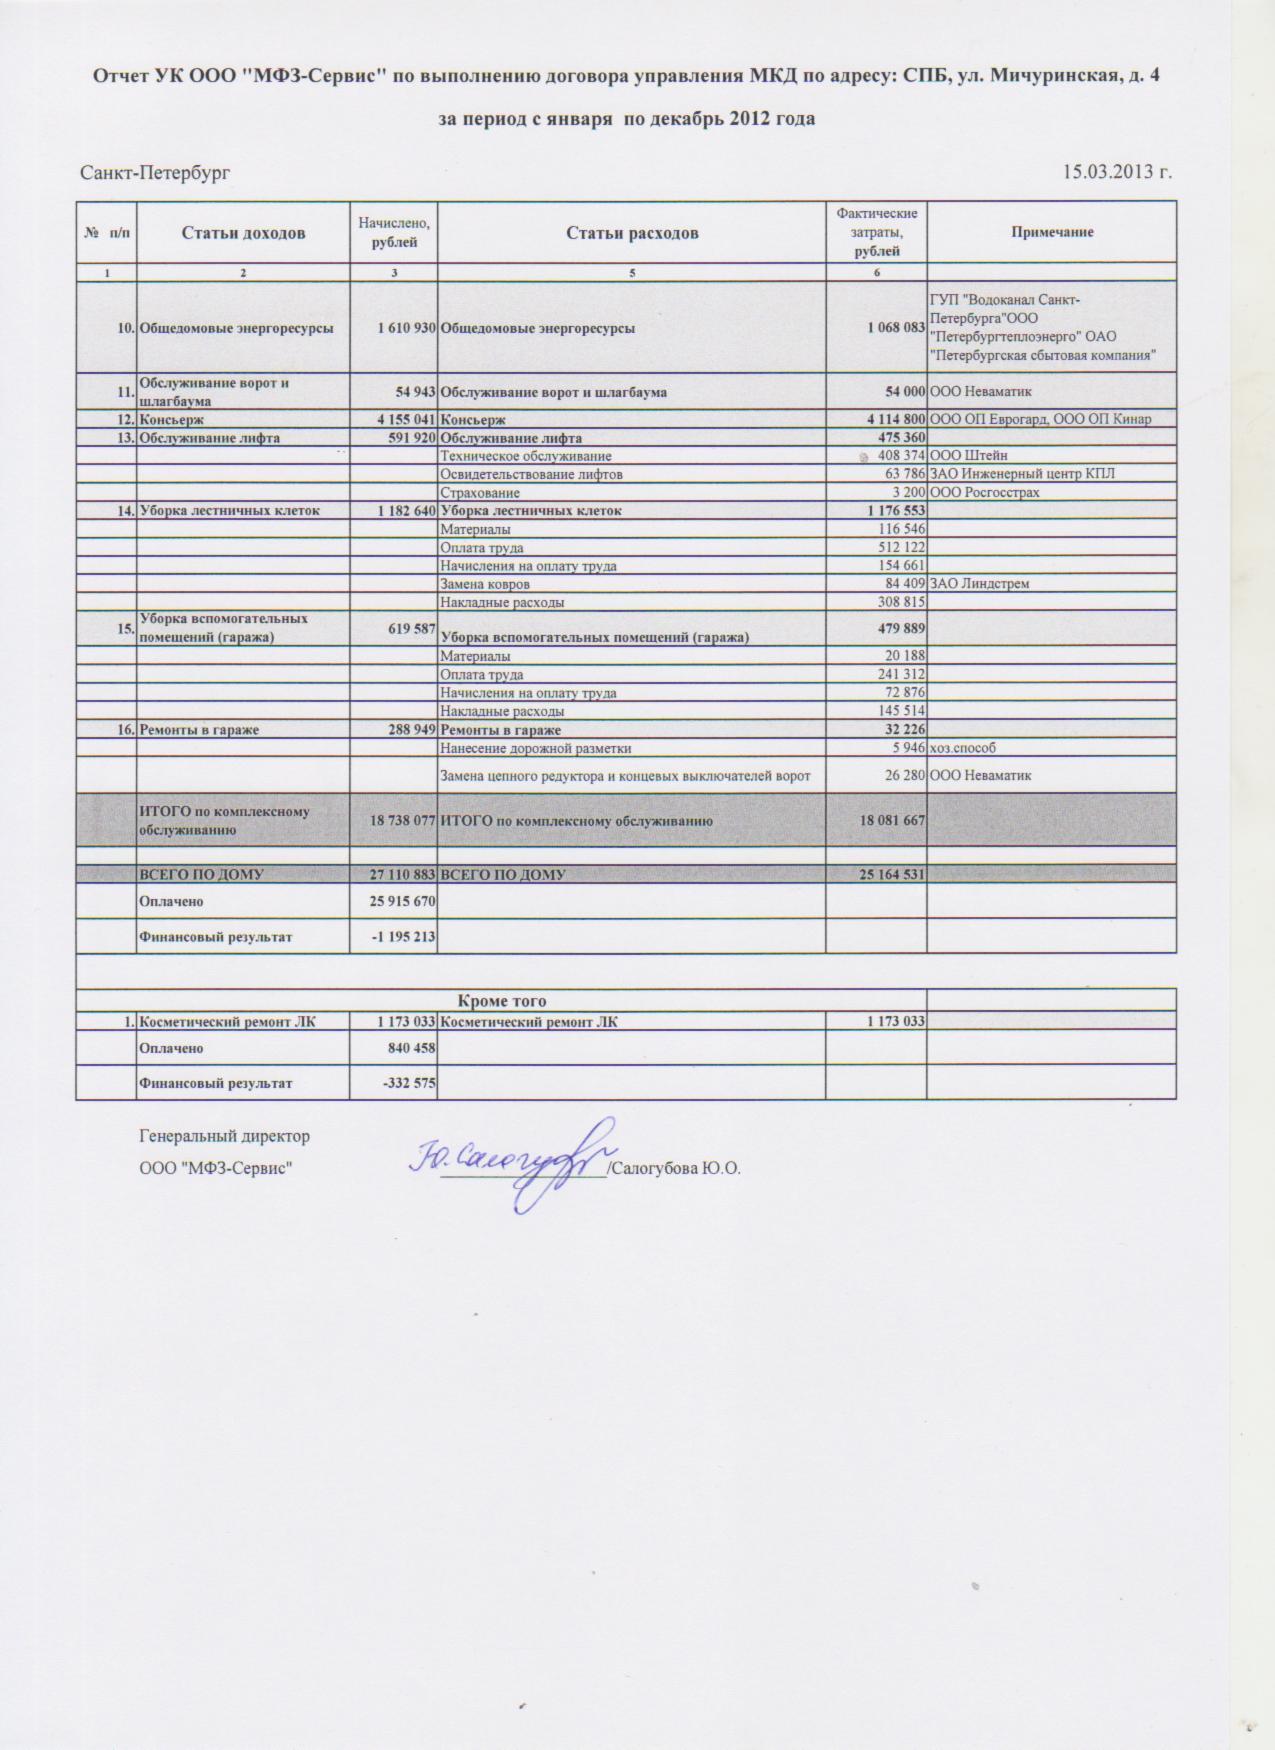 Отчет УК 2012 стр 2